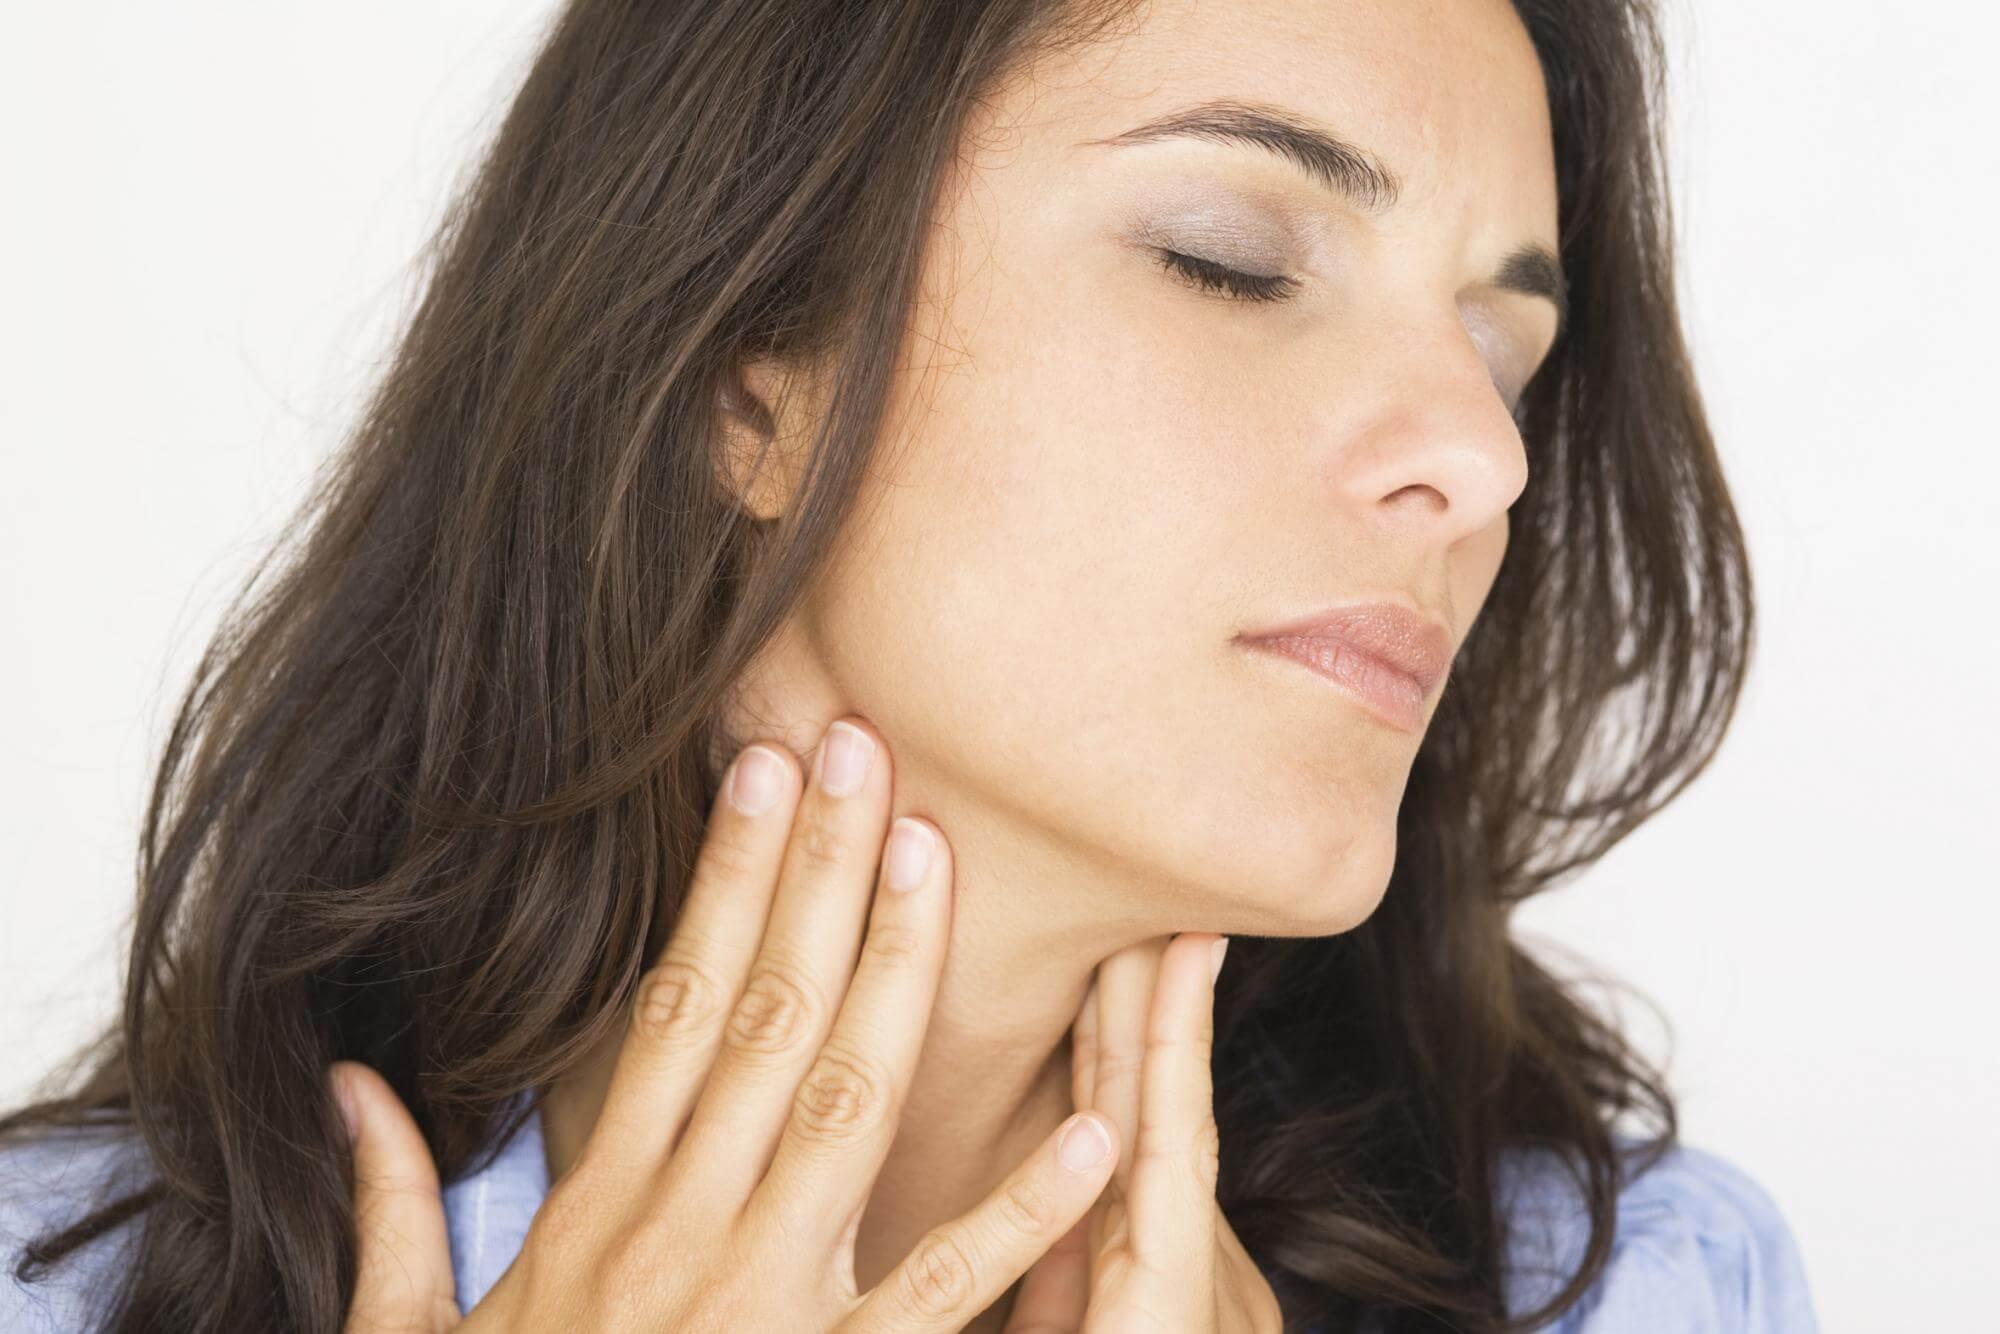 Невроз глотки: основные симптомы недуга